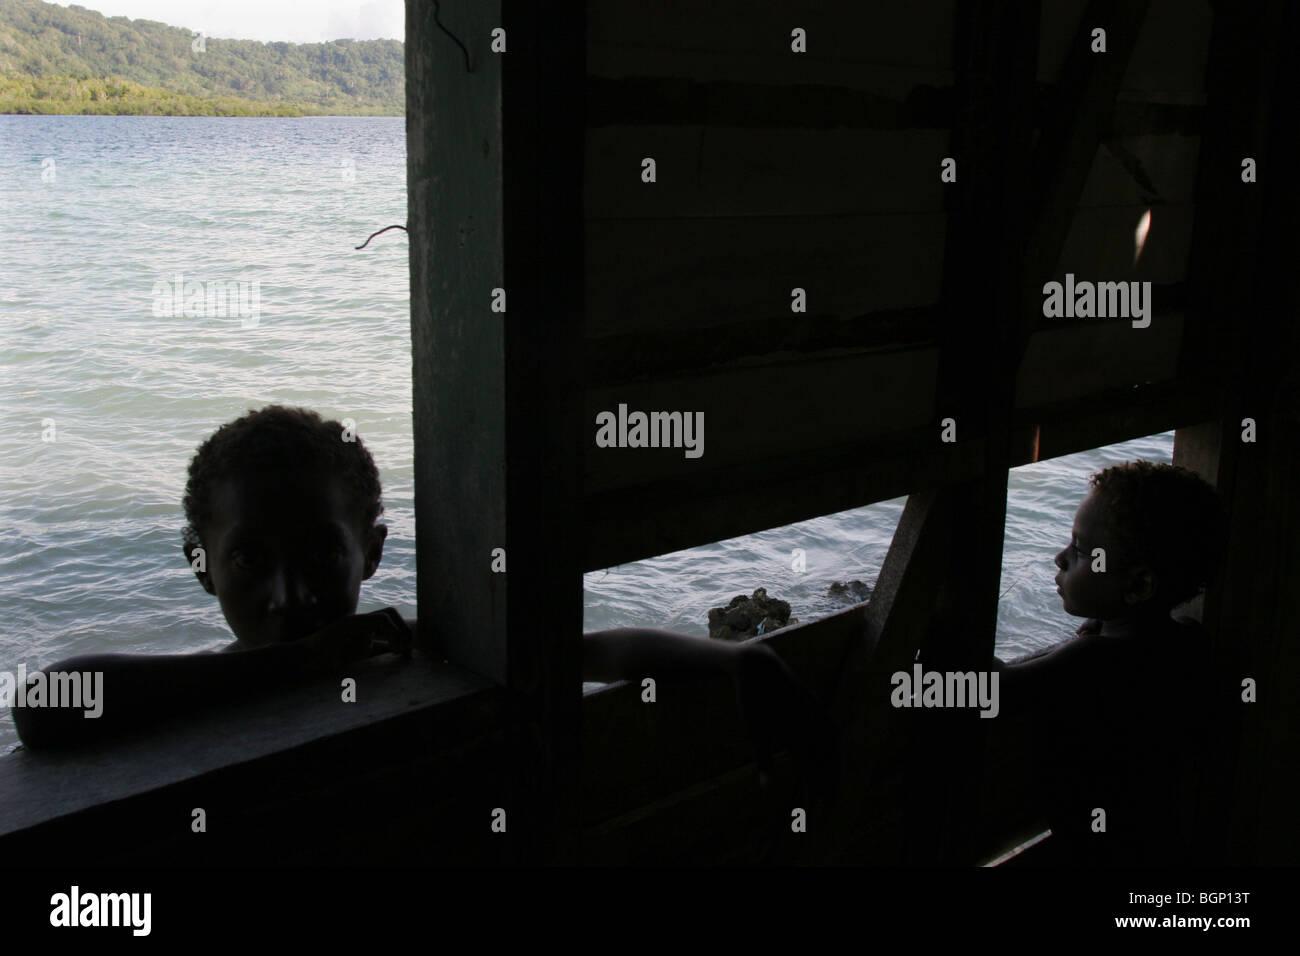 Muro de una escuela, contra los cuales las olas ahora alcanzar, en la isla de Karavat, provincia de Bougainville, Imagen De Stock